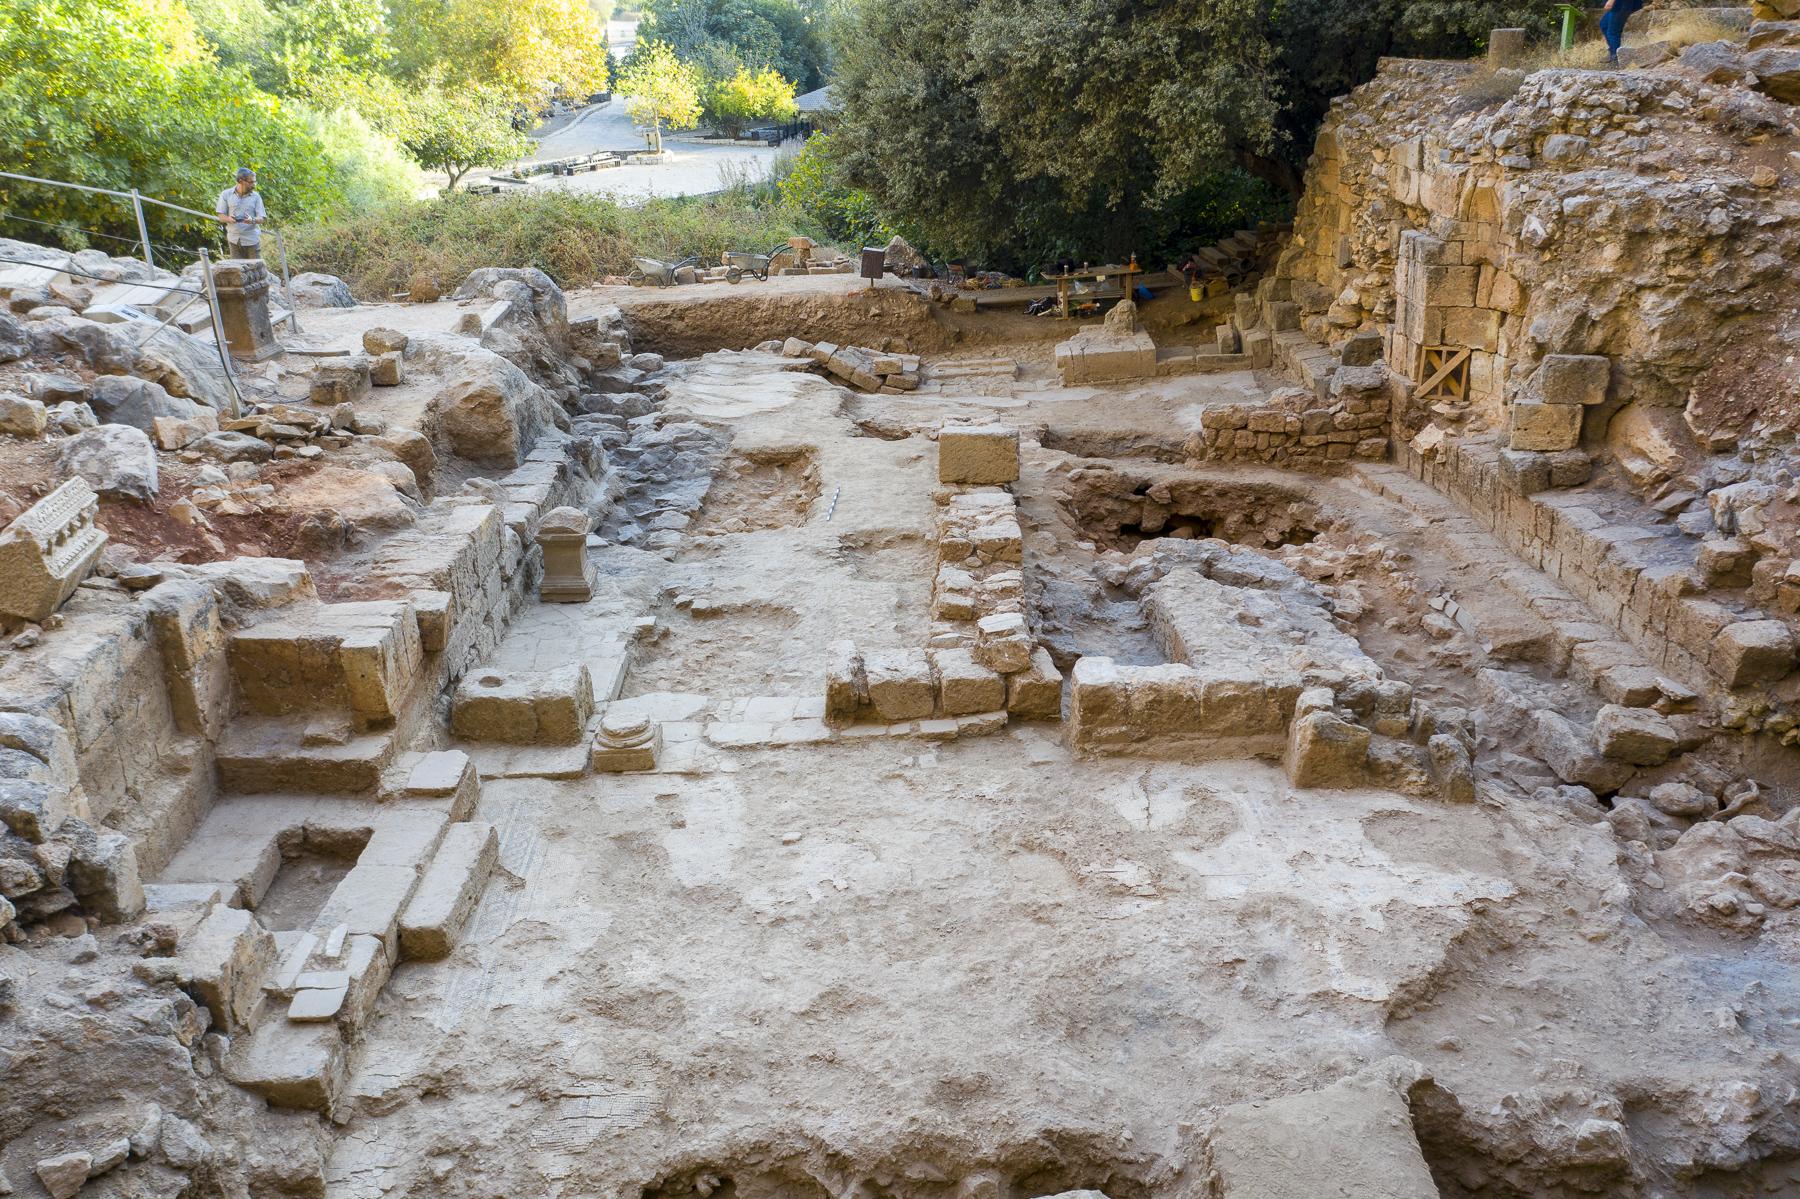 В Израиле нашли церковь, где Иисус сказал Петру распространять христианство